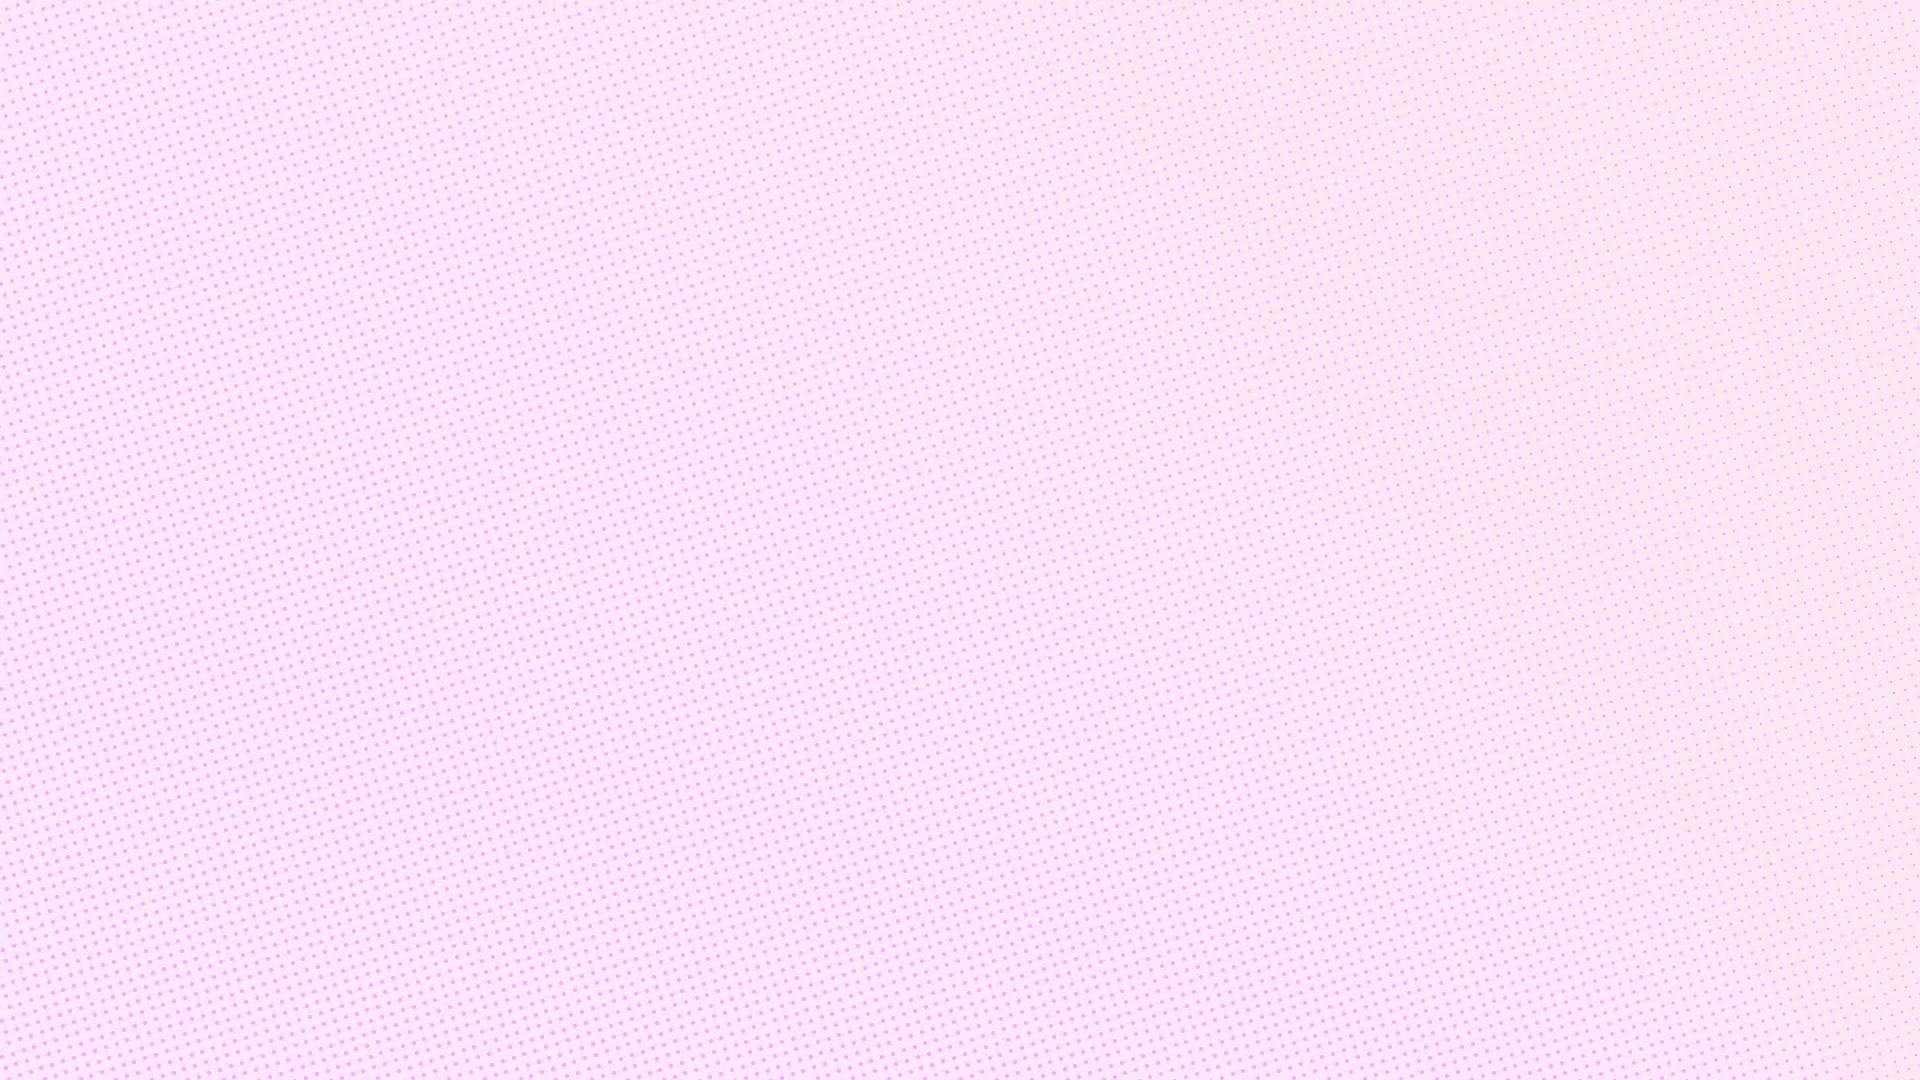 Sfondi Minimalismo Viola Semplice Modello Puntini Pois Rosa